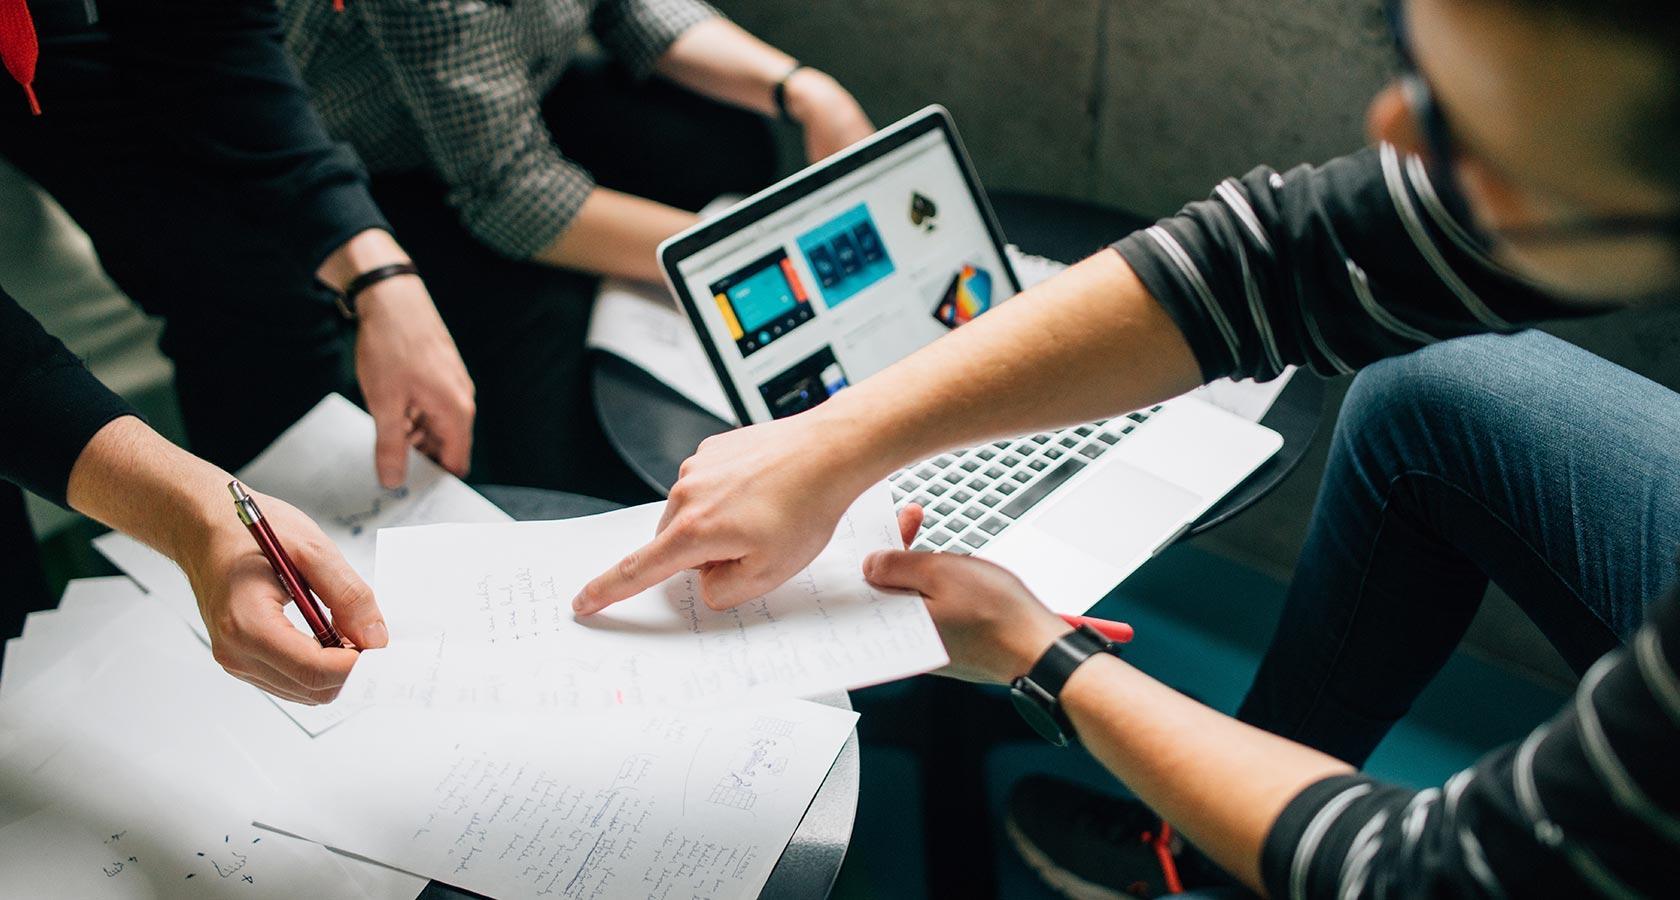 blog introcrea framework smart para proyectos ux